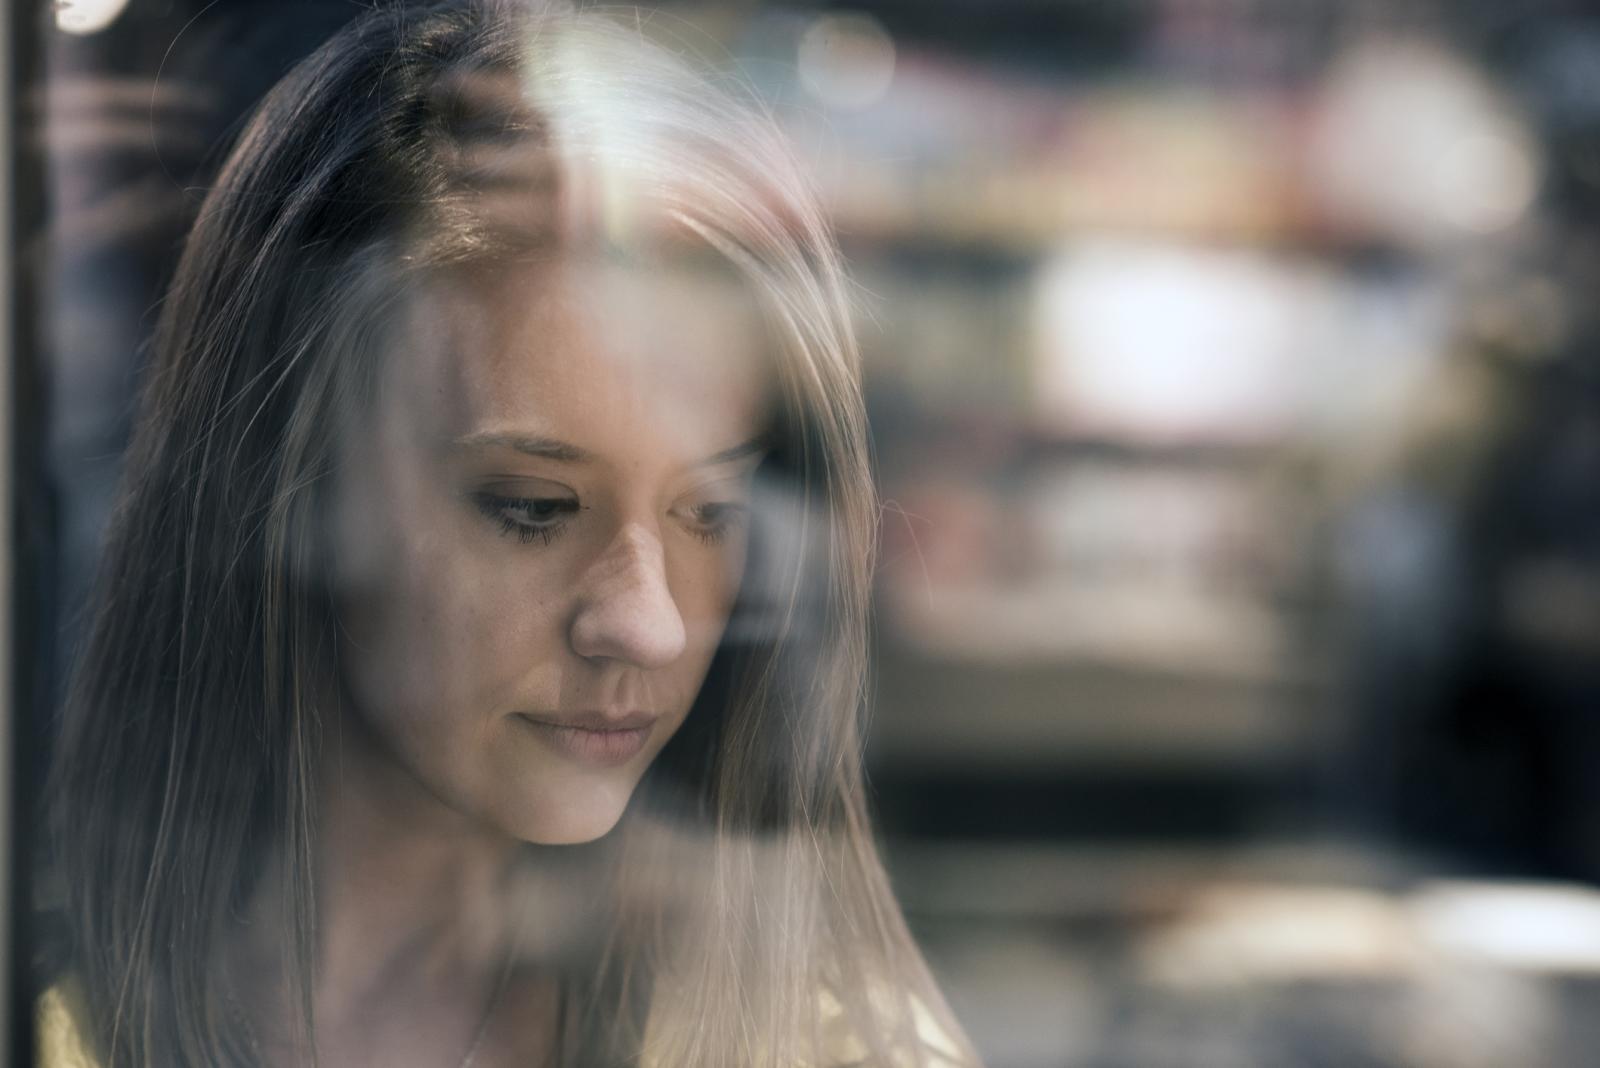 Promjena psihičkog stanja bolesnika može lako izazvati stres kod njegovatelja.